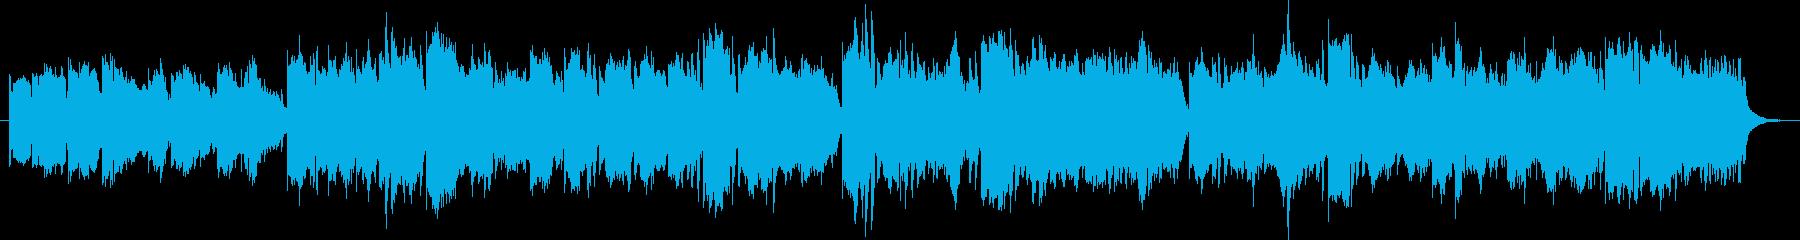 優しく愛らしい軽快なワルツBGMの再生済みの波形